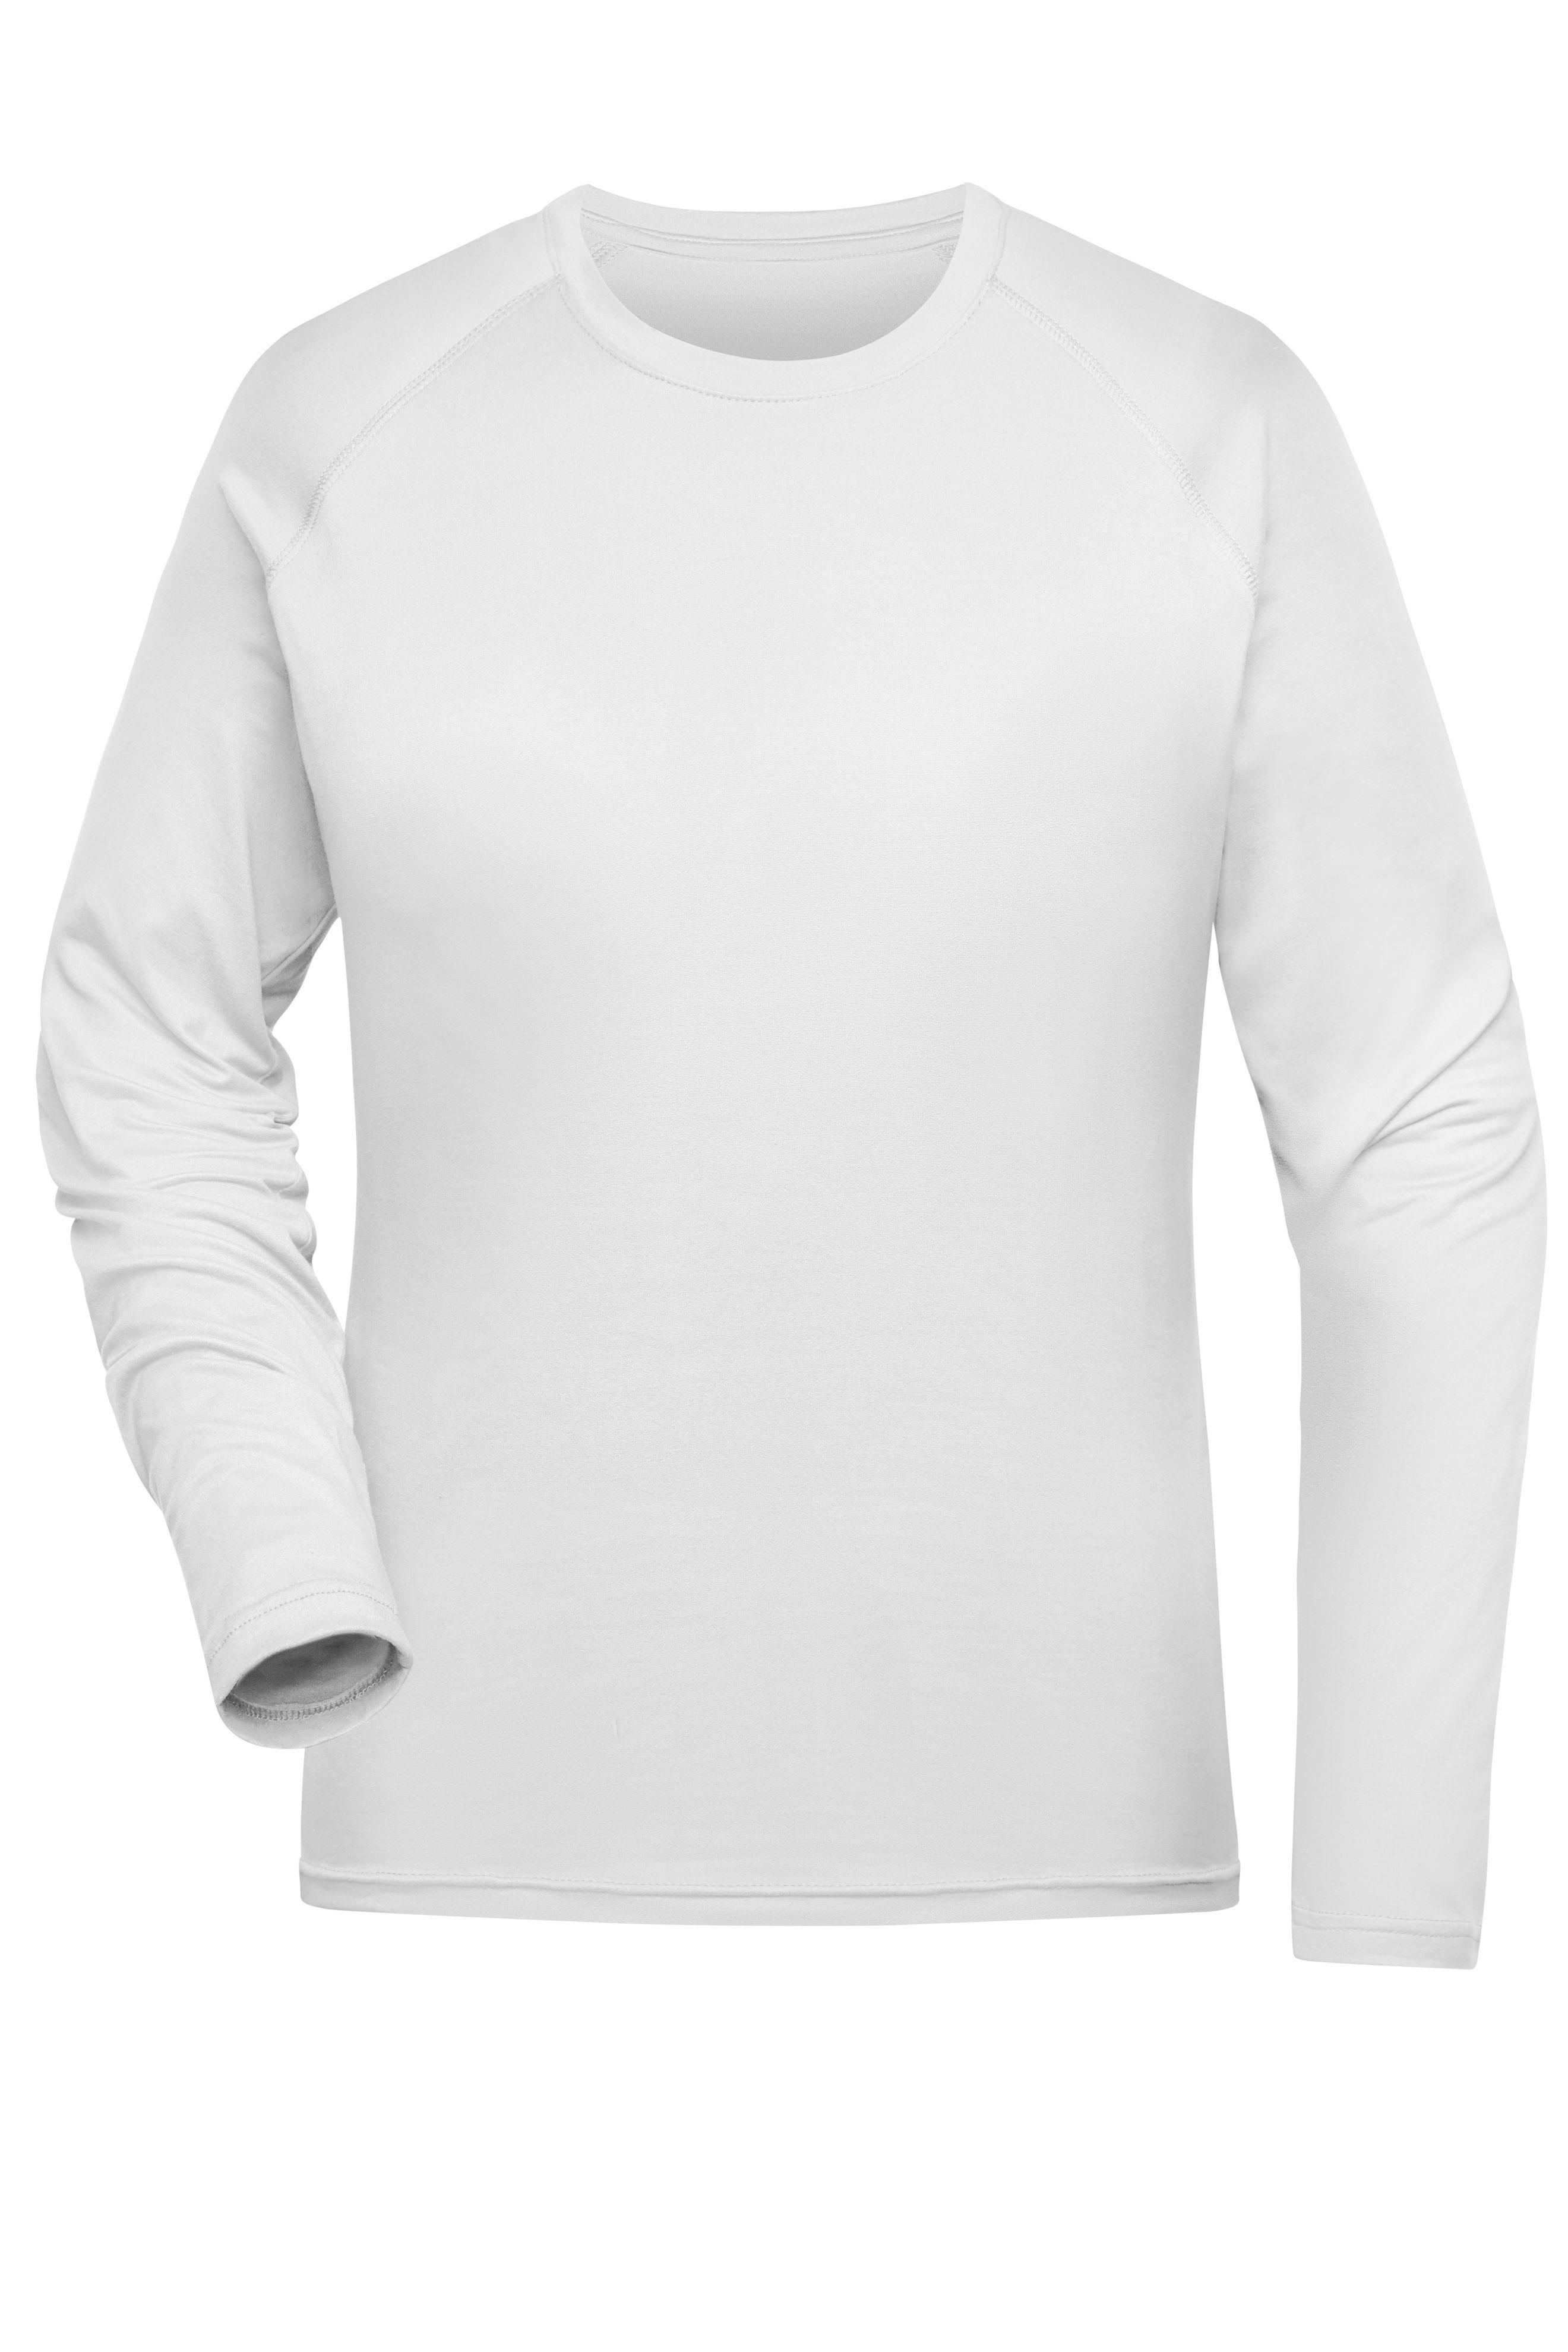 Langarm Funktions-Shirt aus recyceltem Polyester für Sport und Fitness